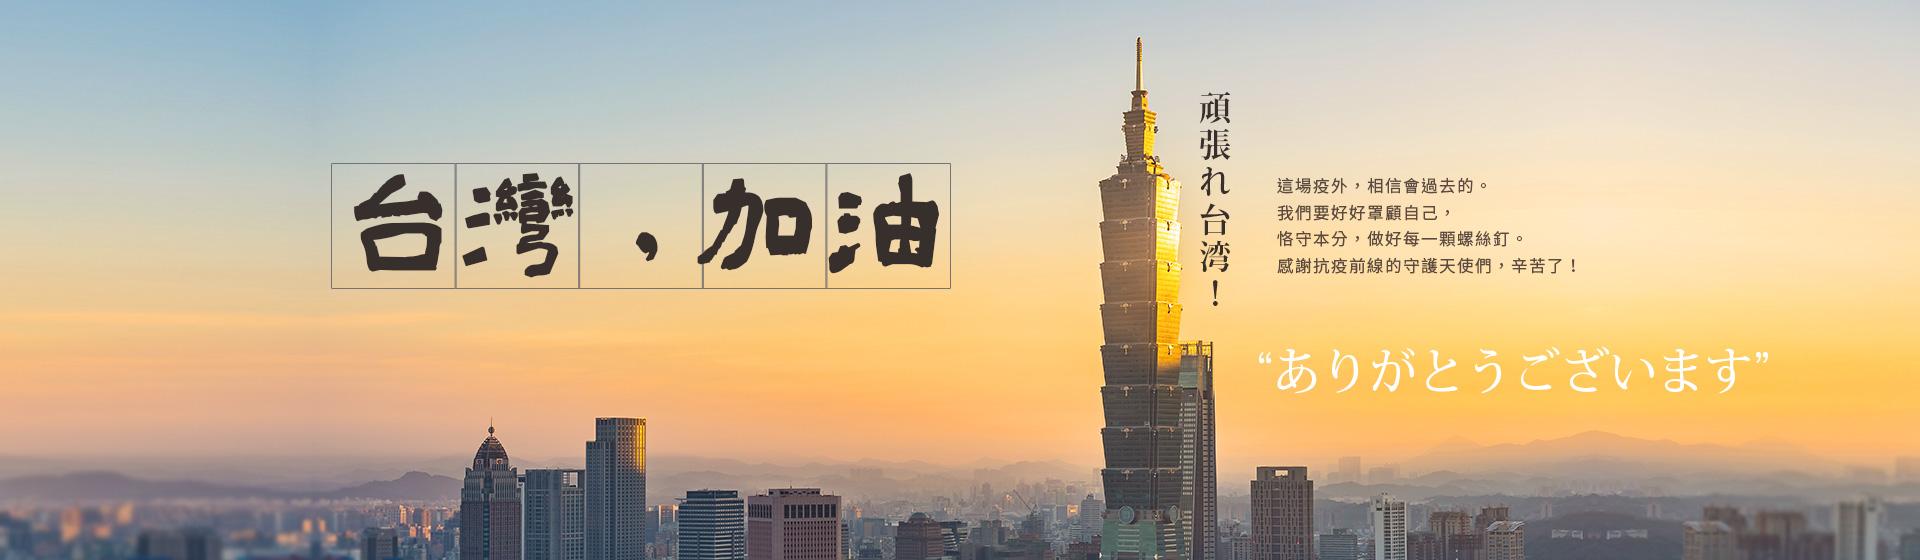 台灣,加油